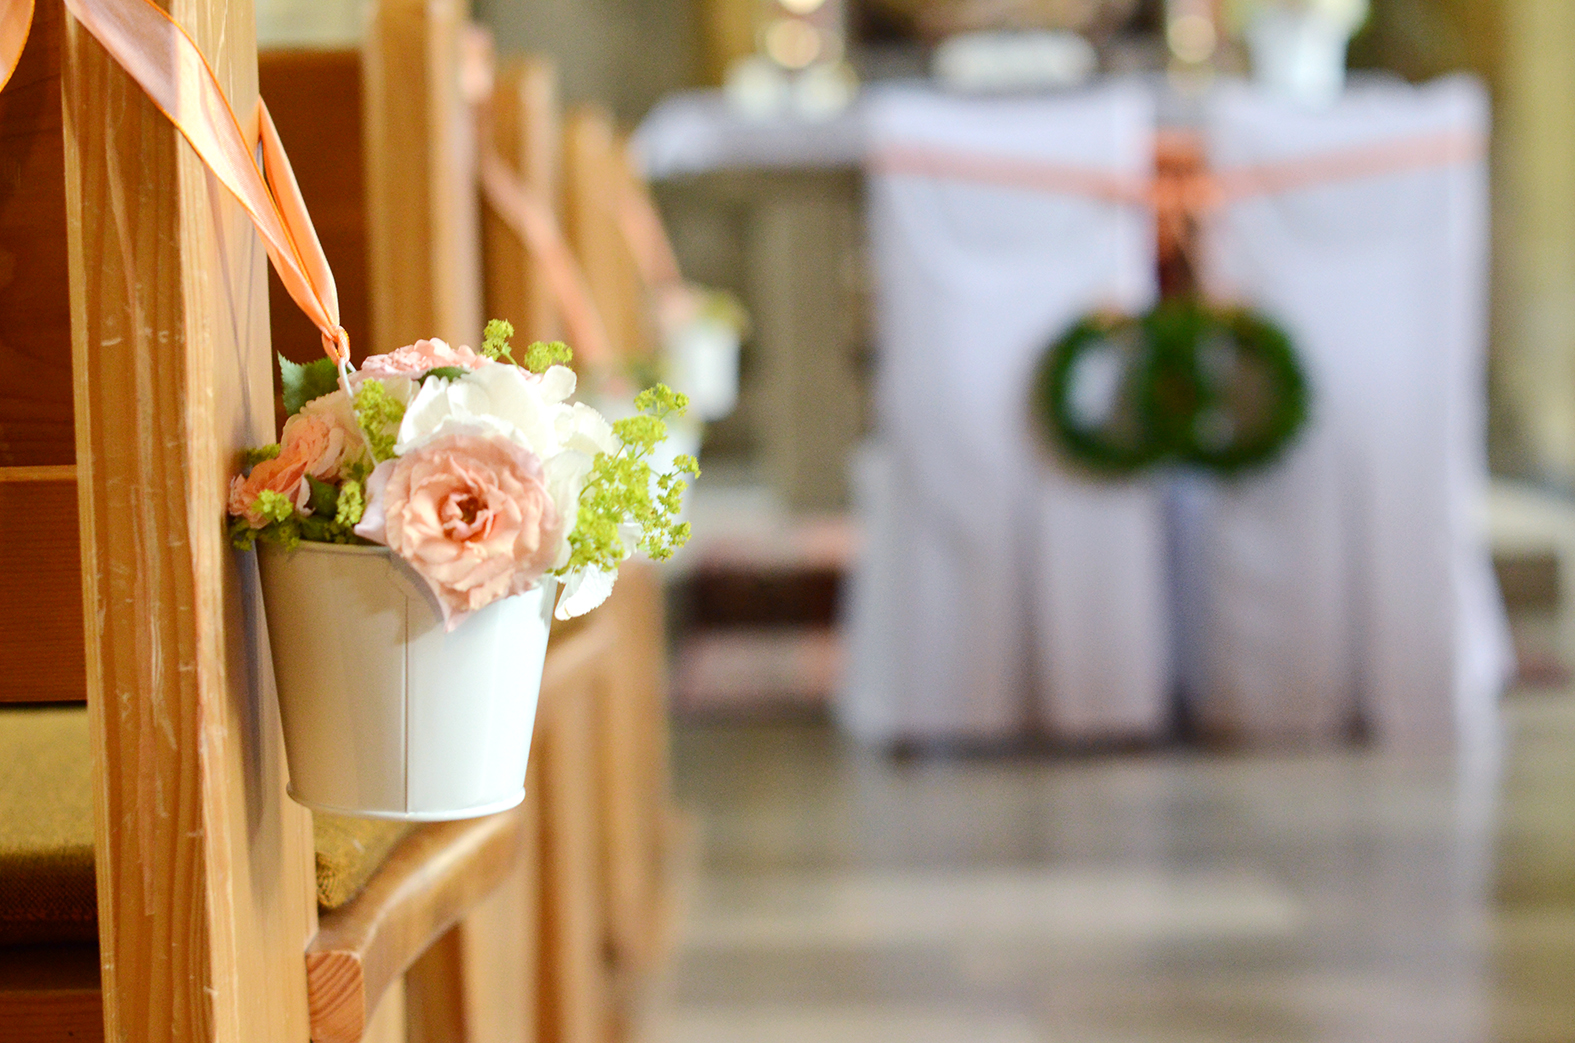 Hochzeit Blumendeko Vintage Tischlaufer Aus Ikea Spitzengardine